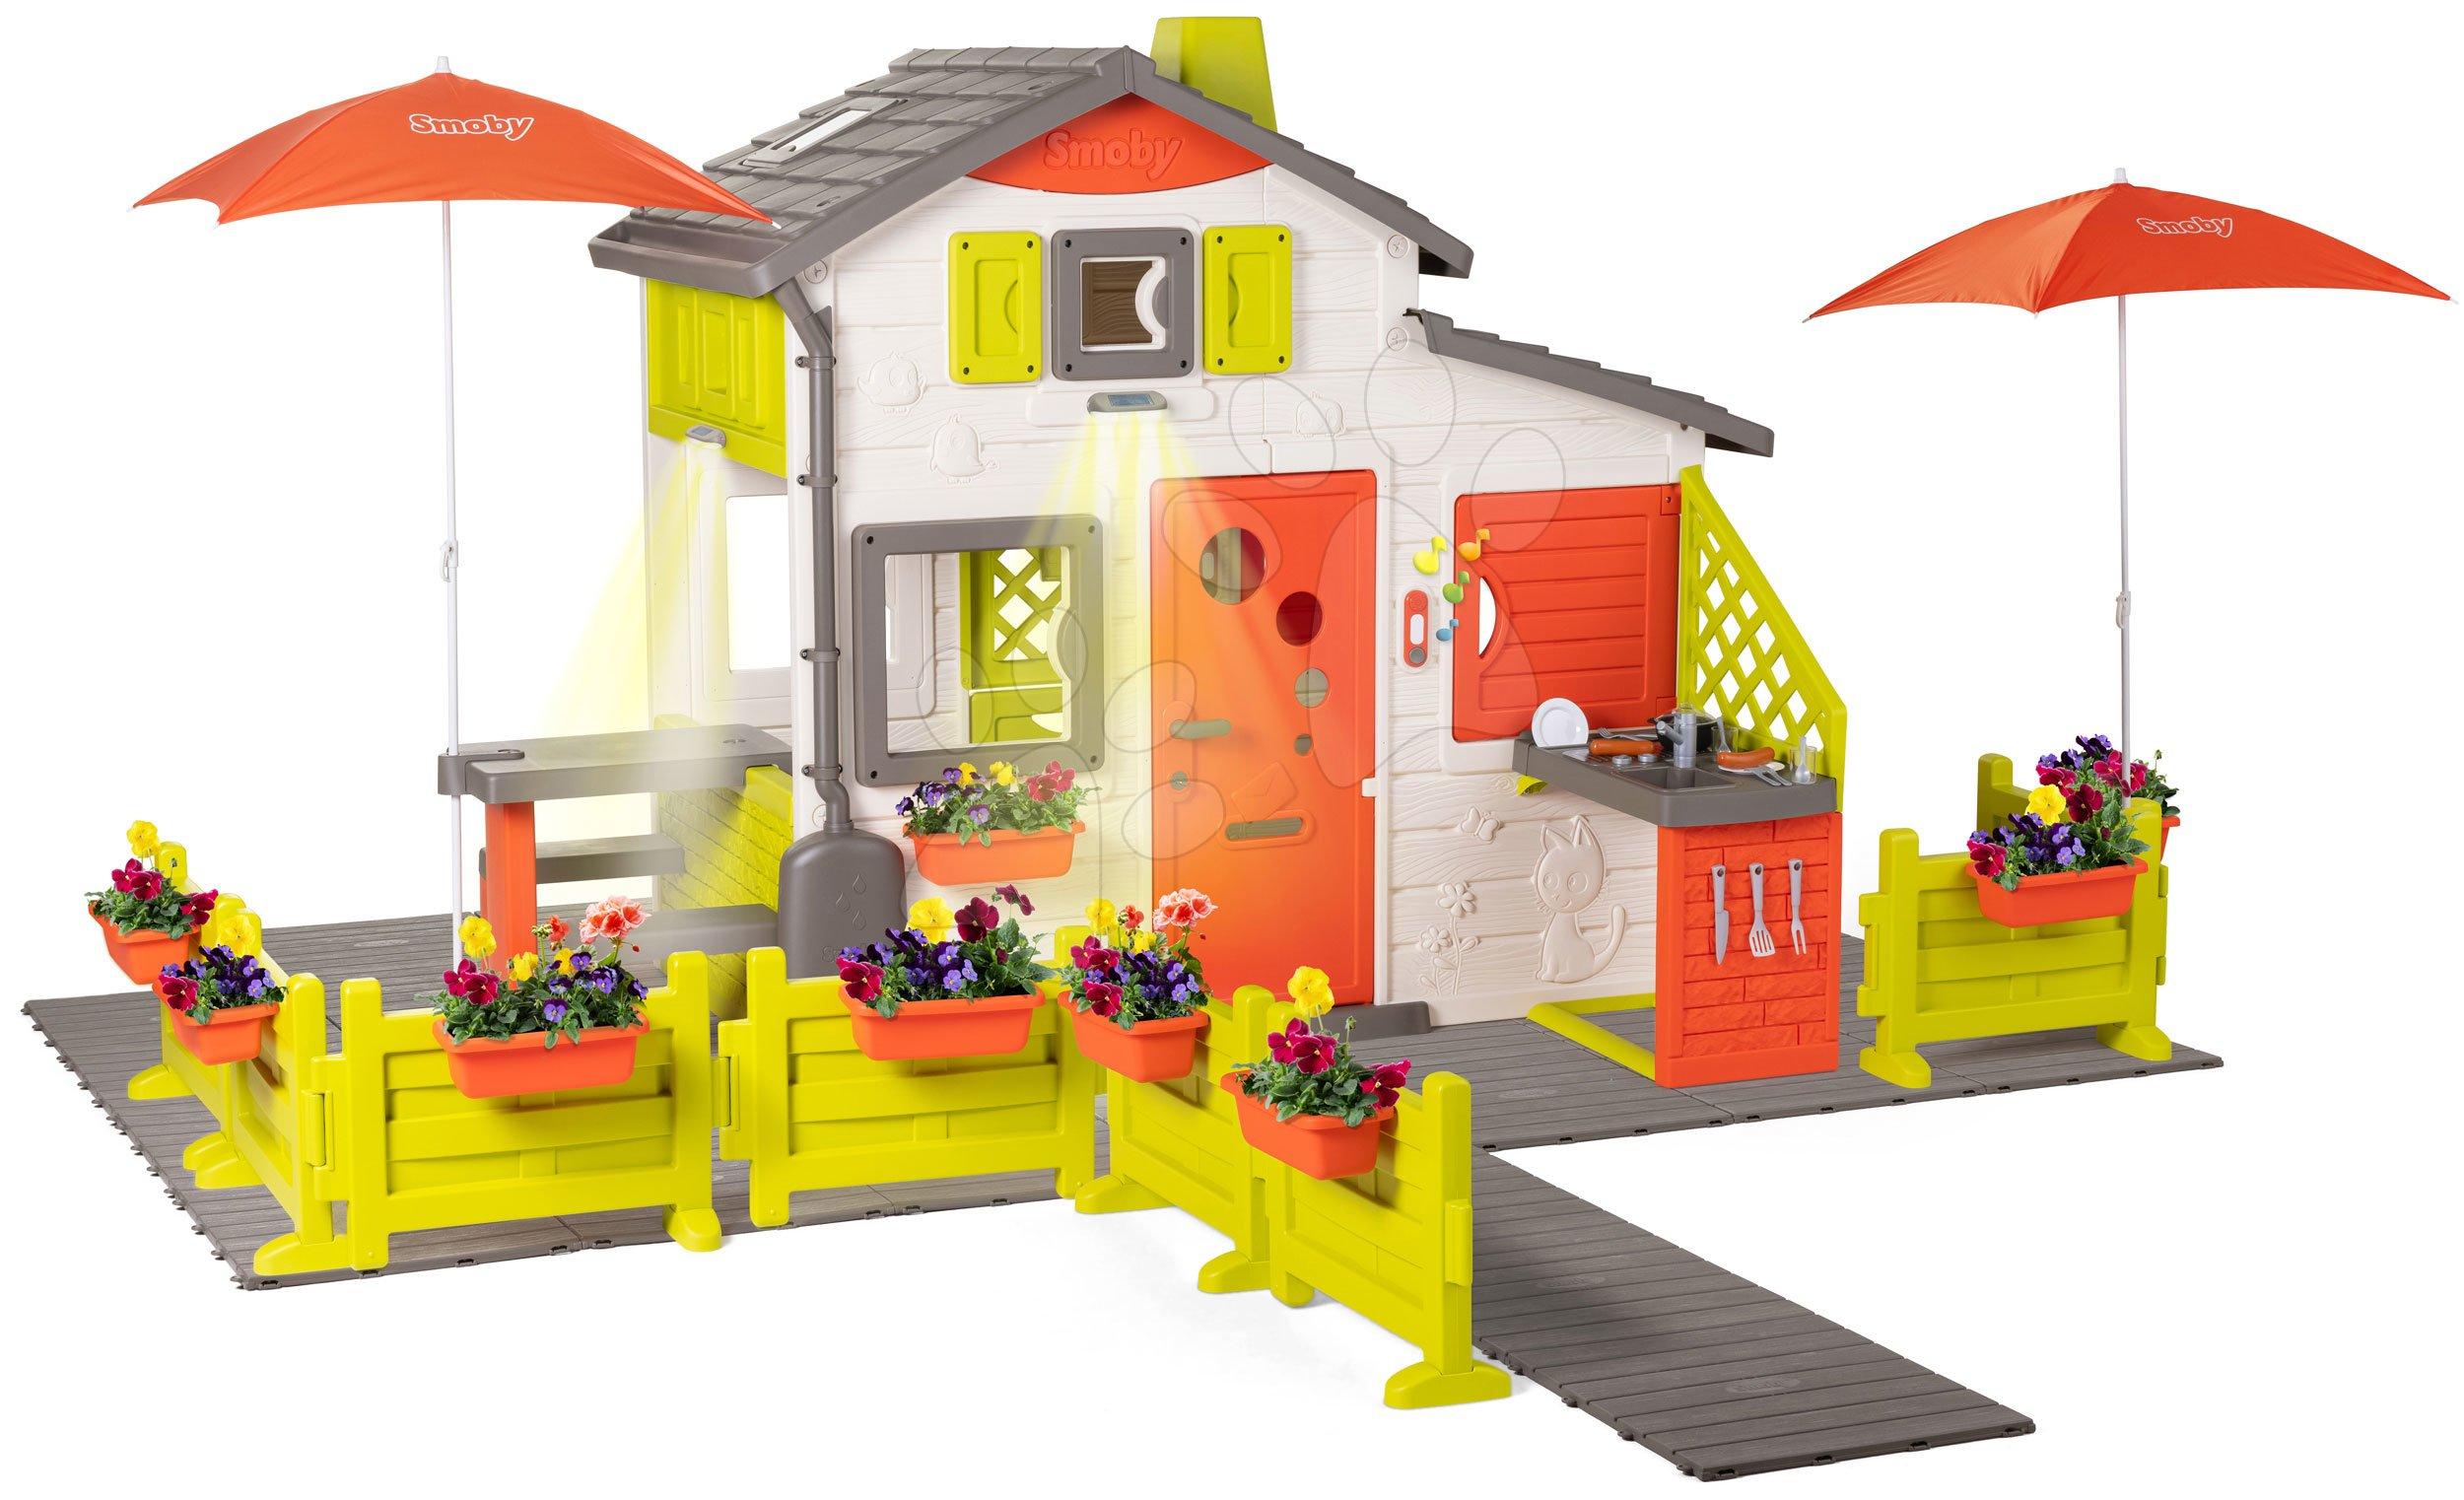 Domček Neo Friends House DeLuxe Smoby s kvetinovou prístupovou cestou a dvoma slnečníkmi